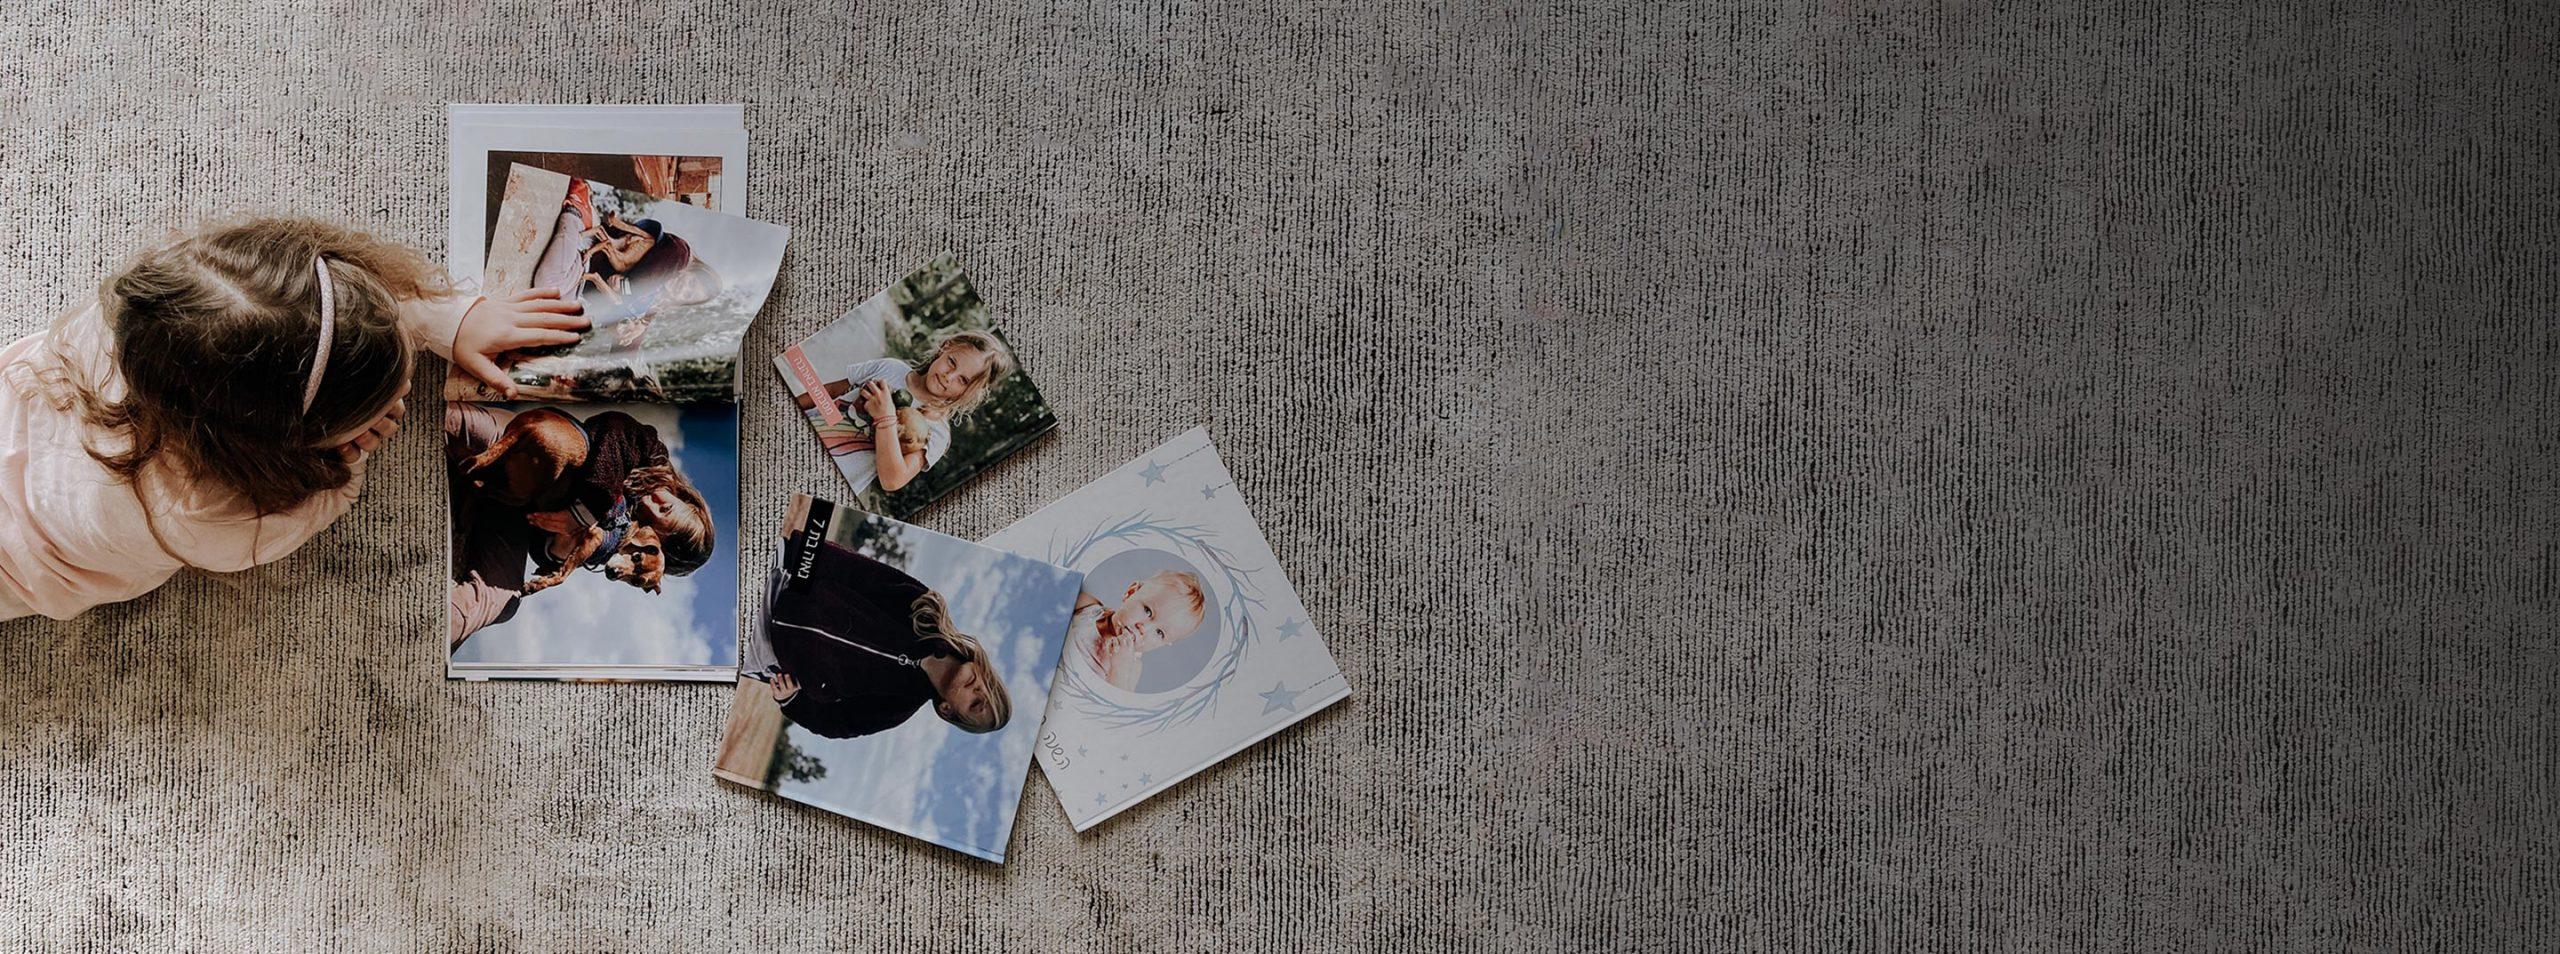 ספר תמונות של לופה